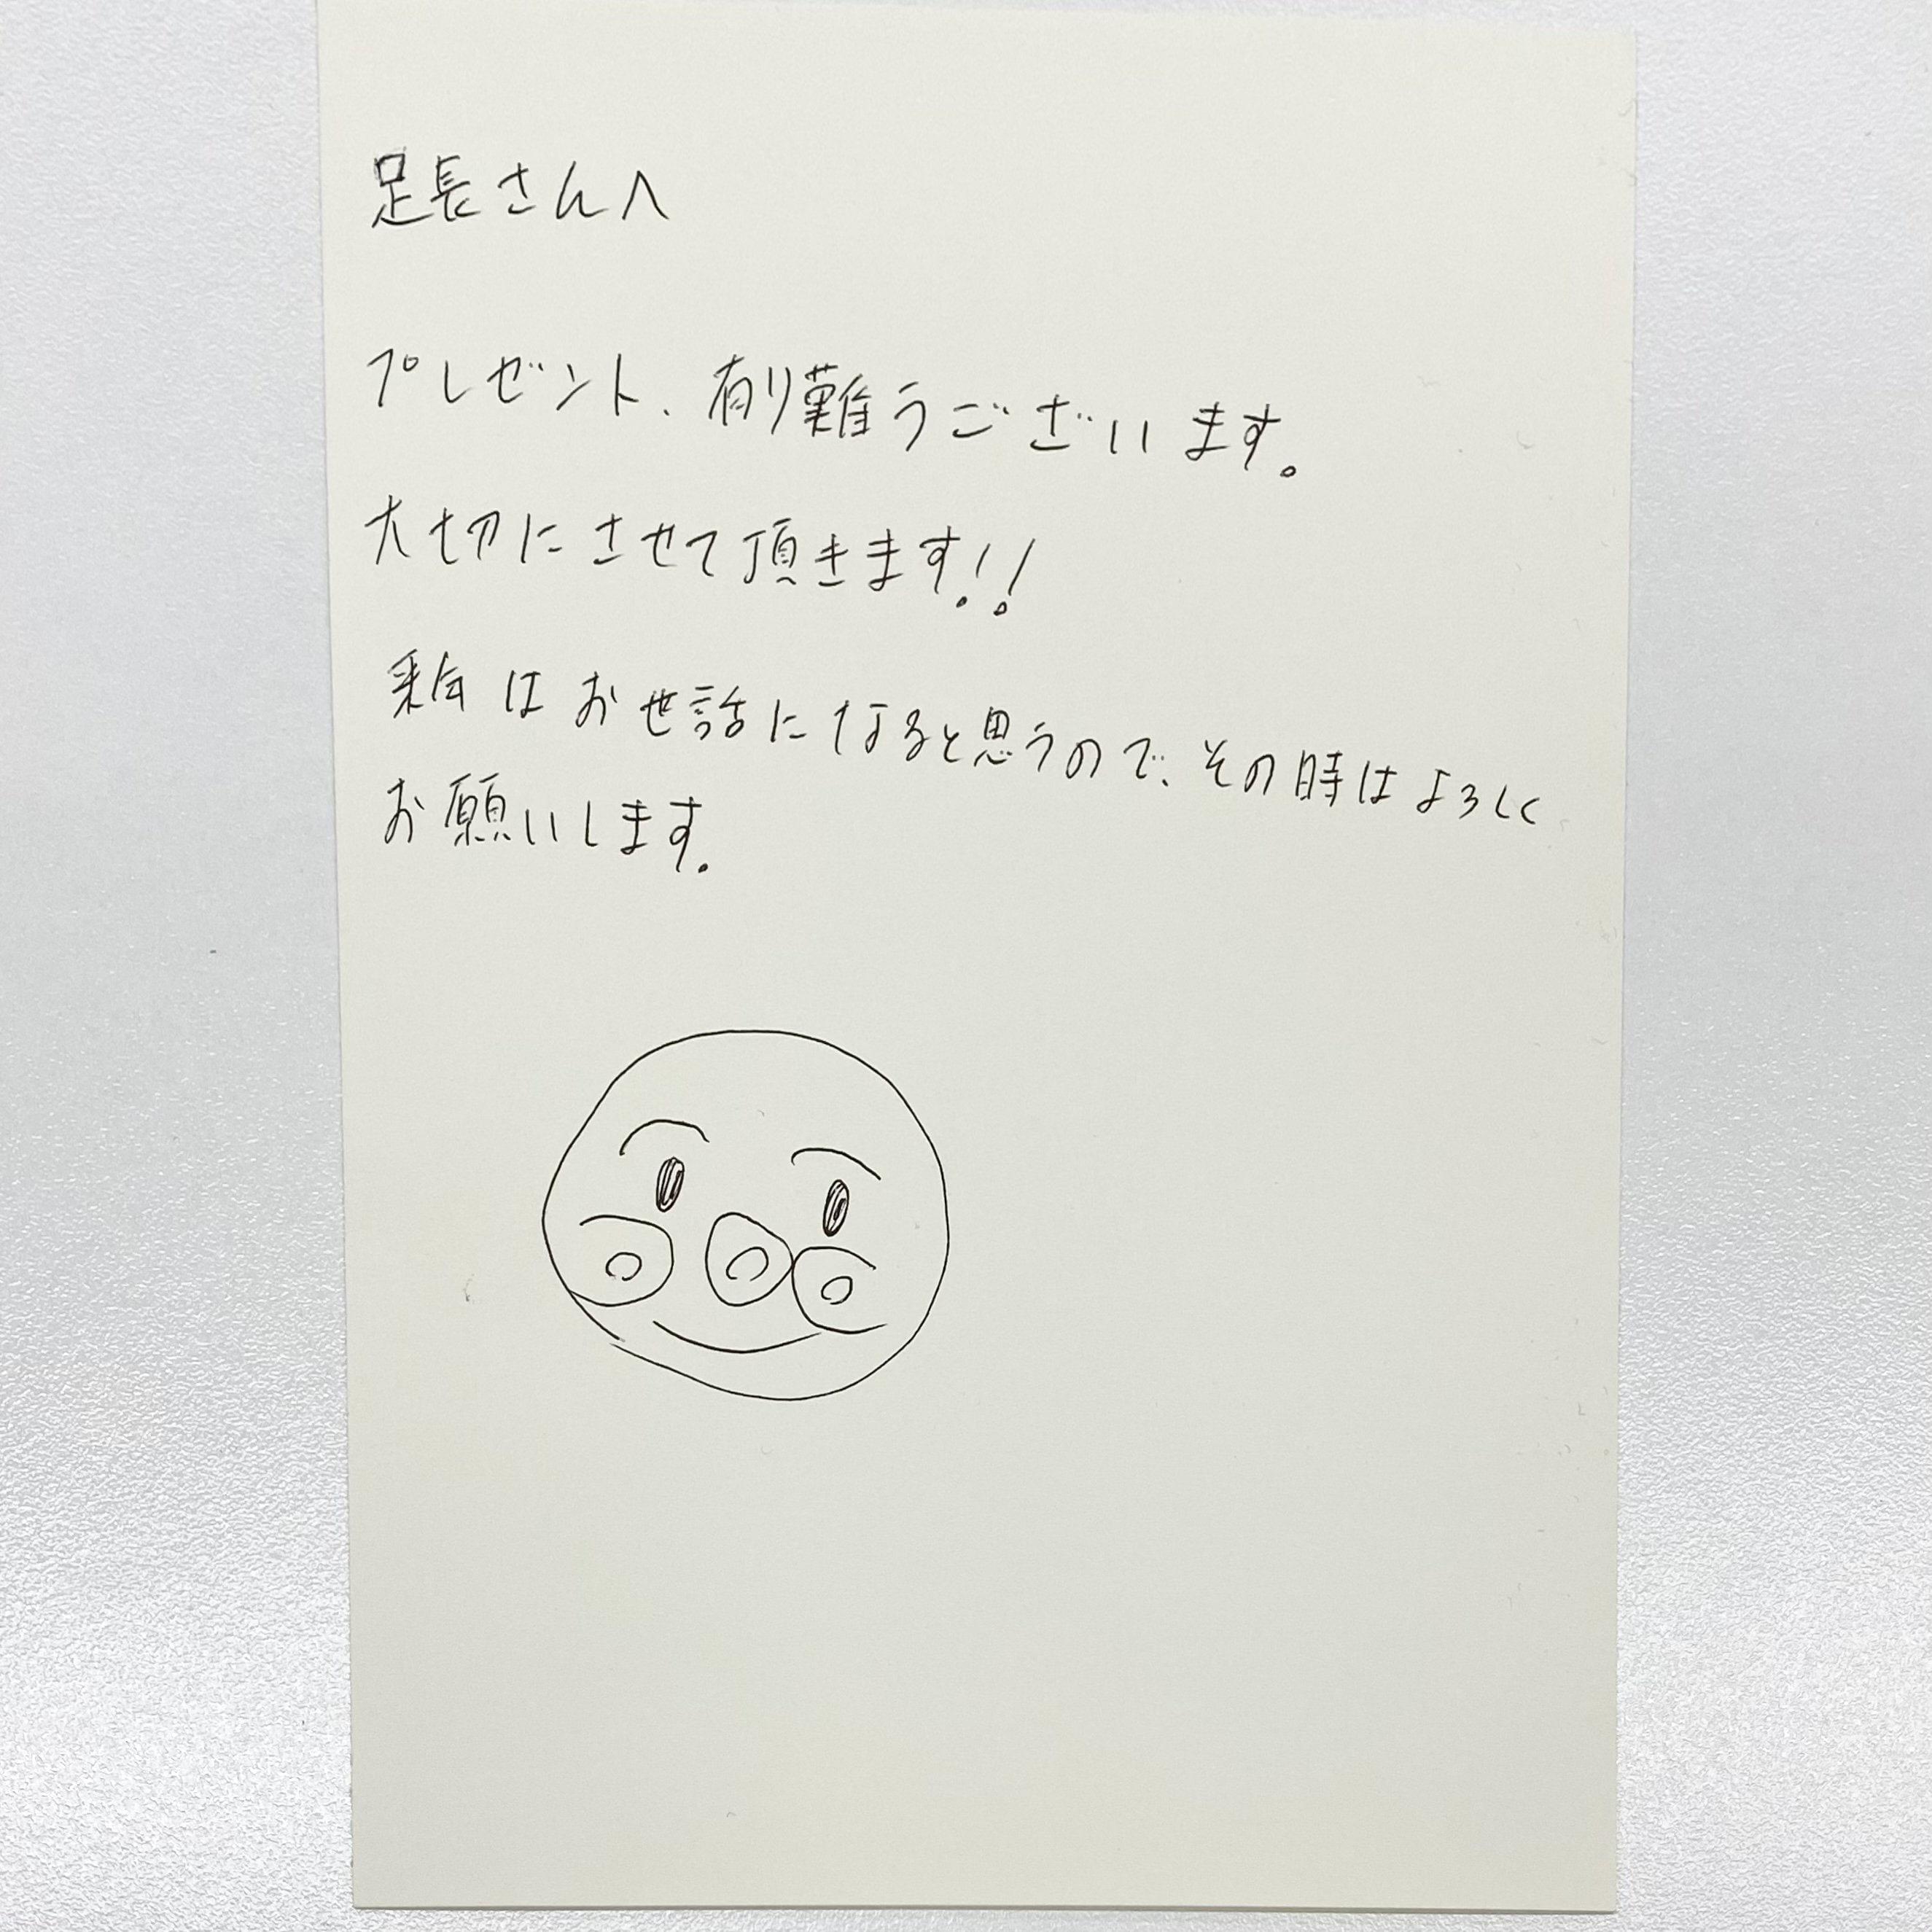 【あしながサンタ】株式会社ロードカー【アンパンマン】